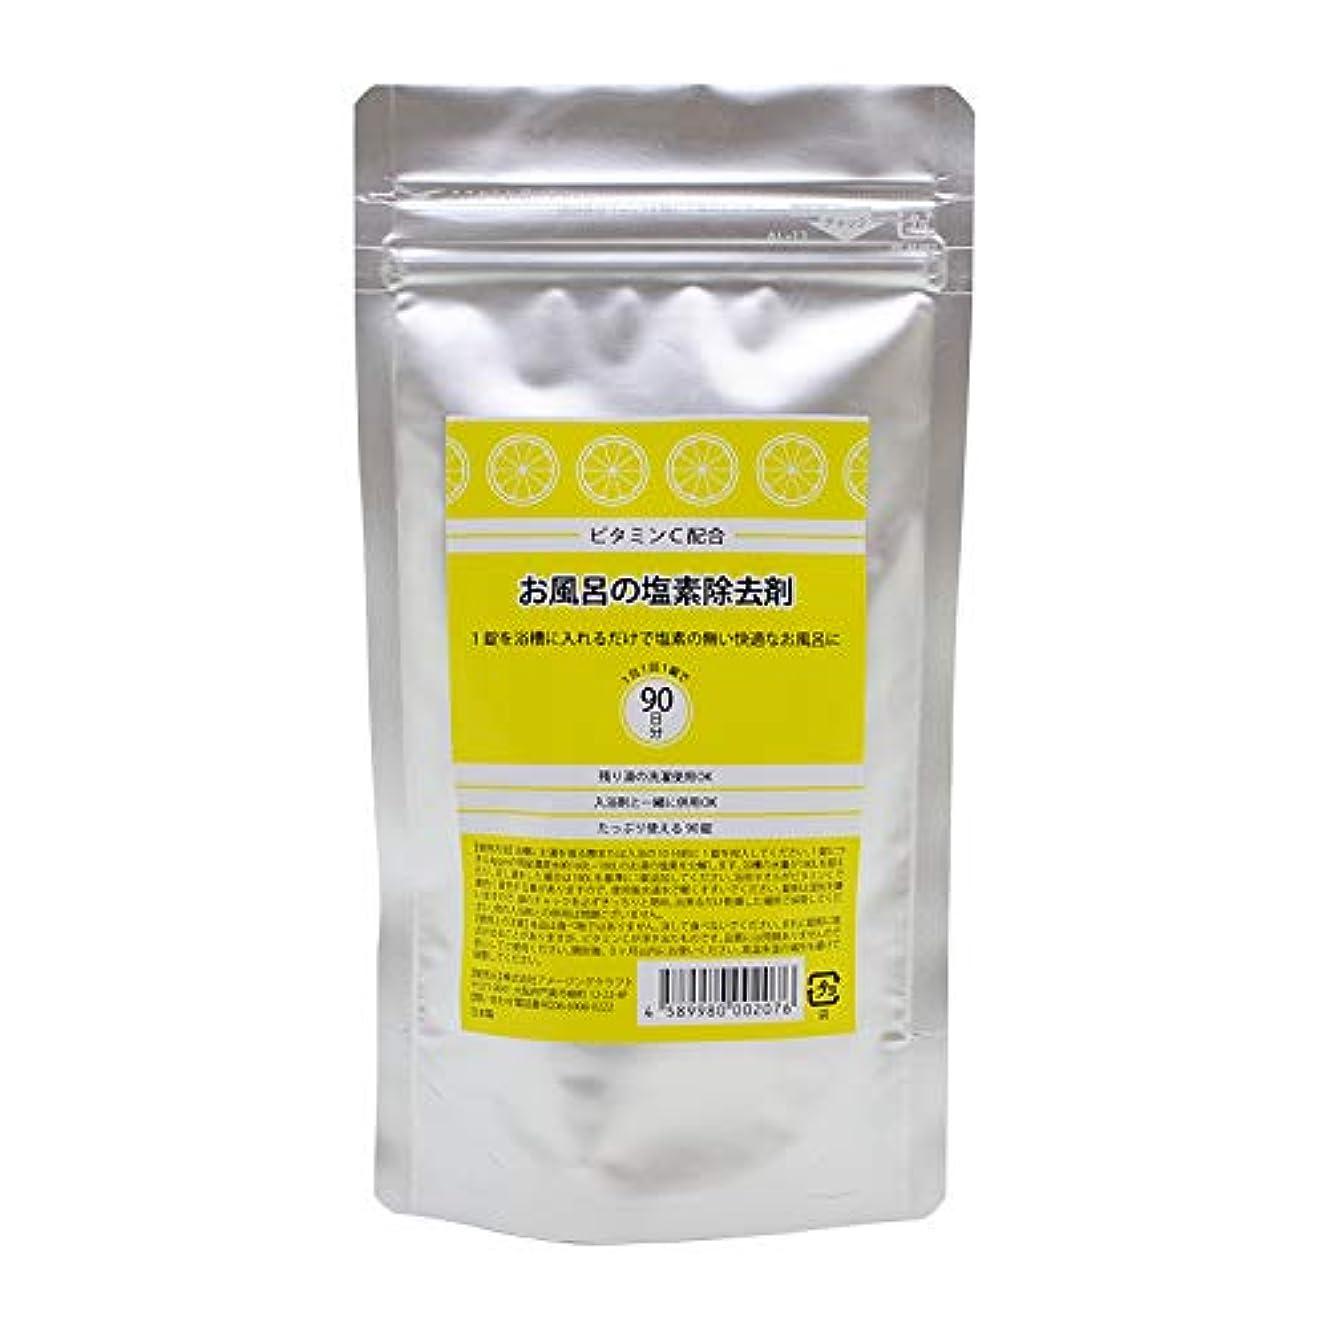 霧深い警報卵ビタミンC配合 お風呂の塩素除去剤 錠剤タイプ 90錠 浴槽用脱塩素剤